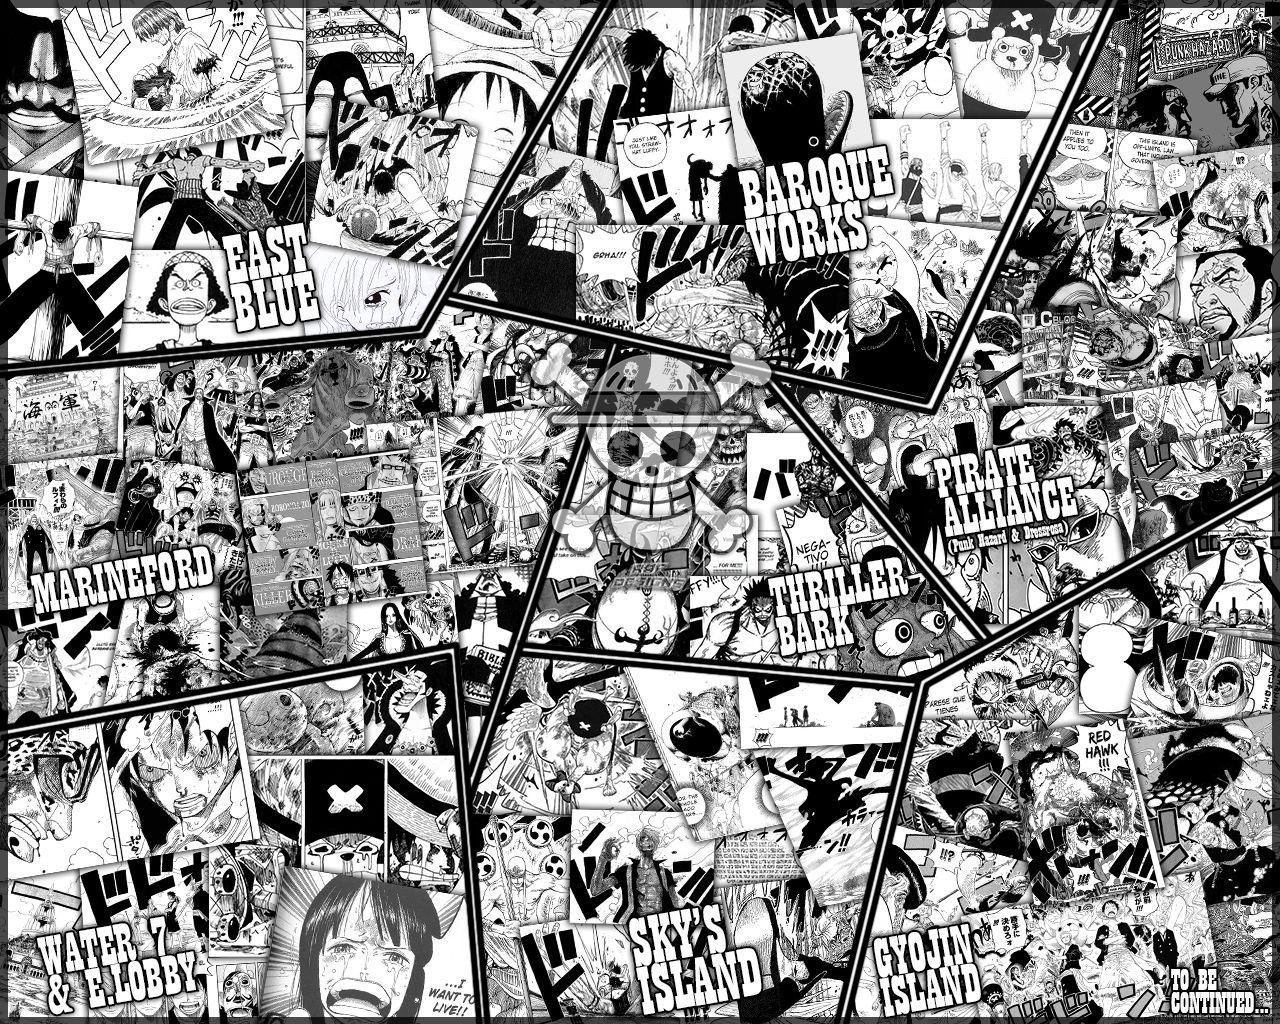 6154 - ¿Sabes toda la historia de One Piece de principio hasta lo actual? [Fácil]